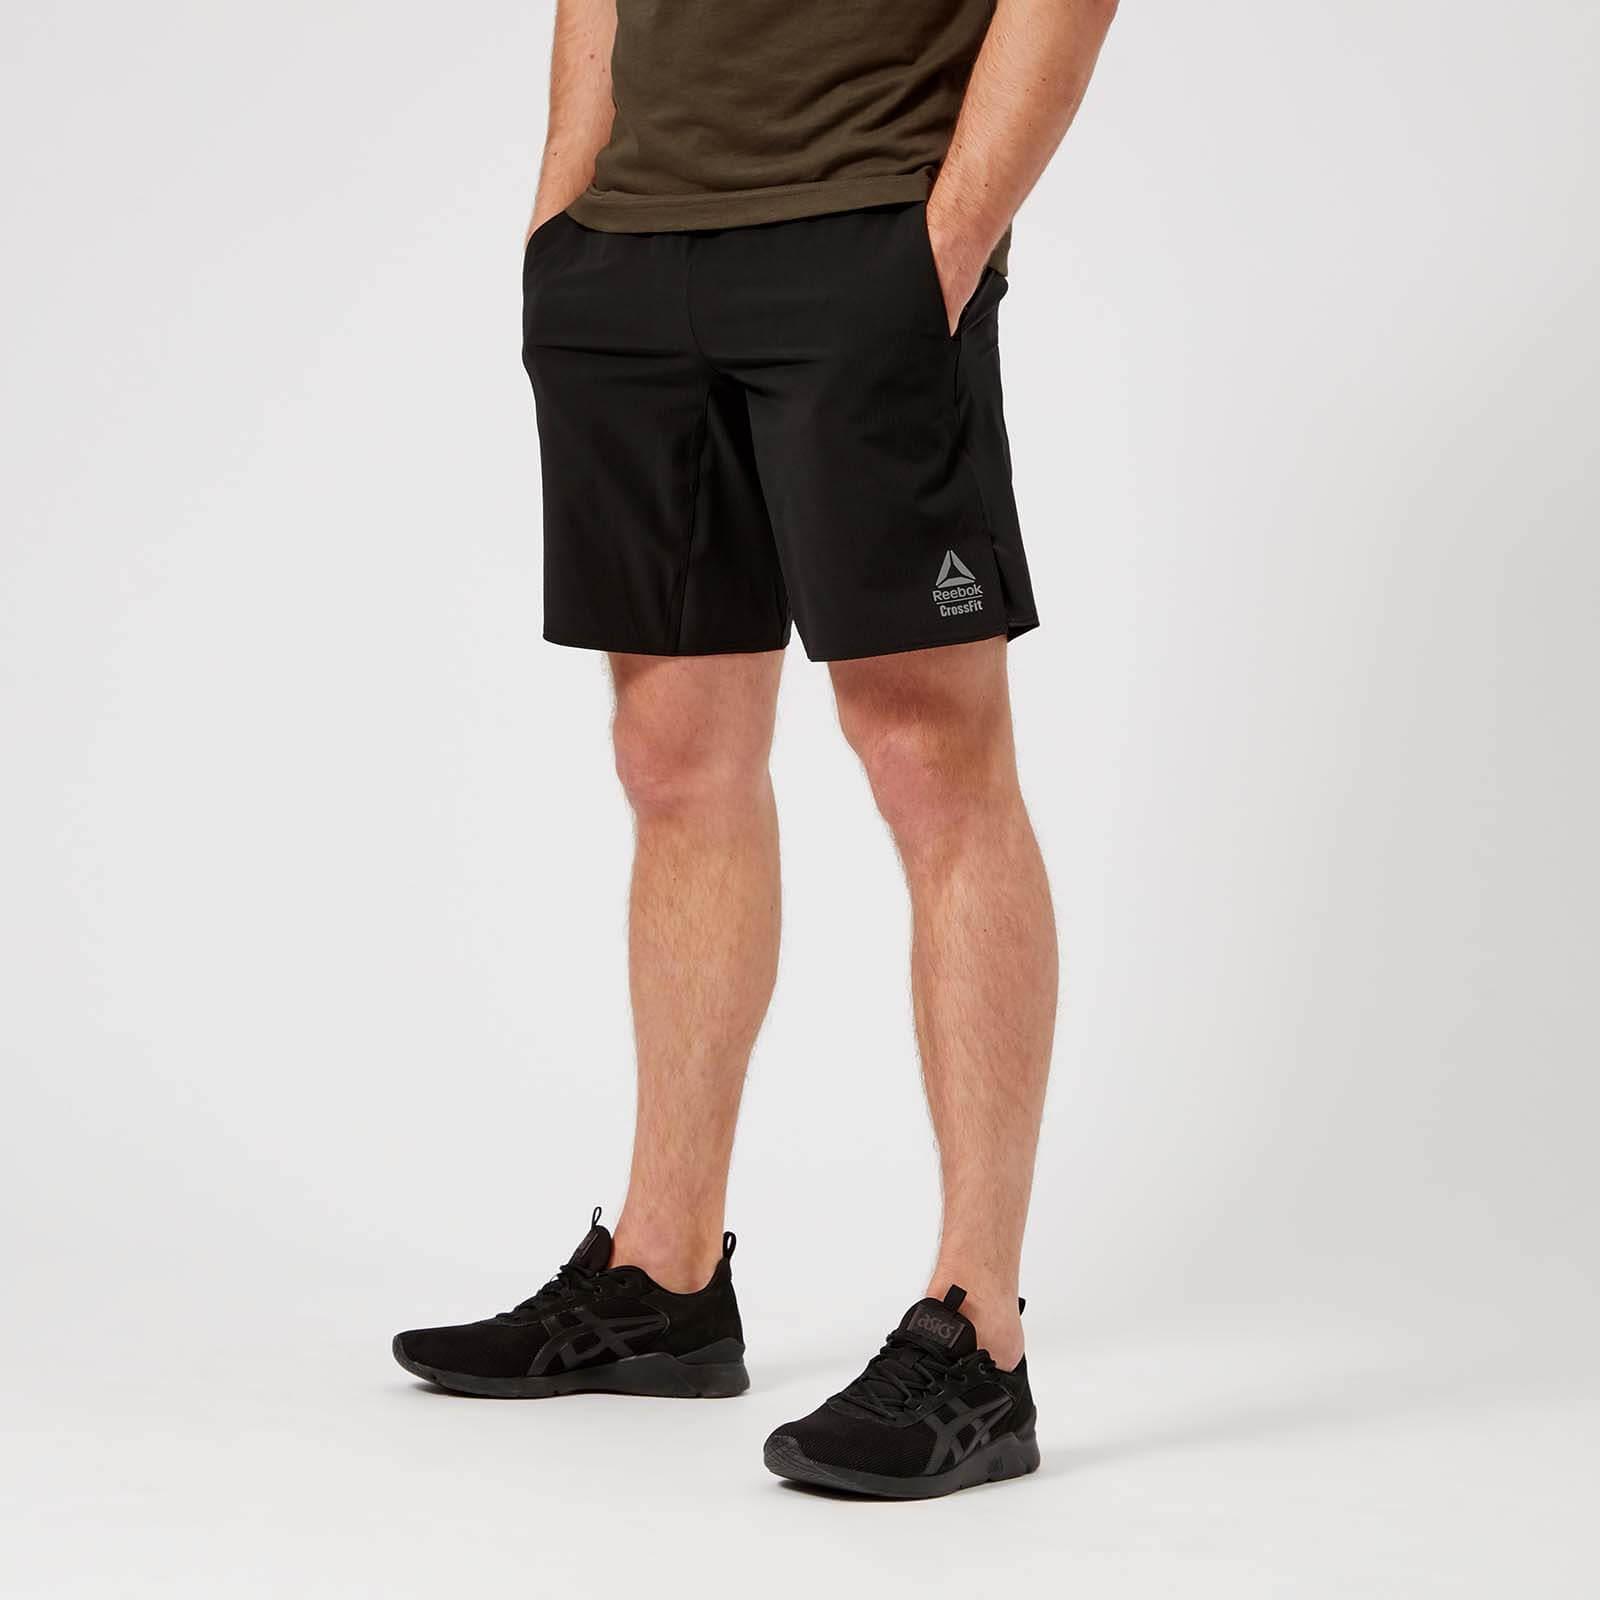 3cbeefded506 Lyst - Reebok Crossfit Speed Pro Shorts in Black for Men